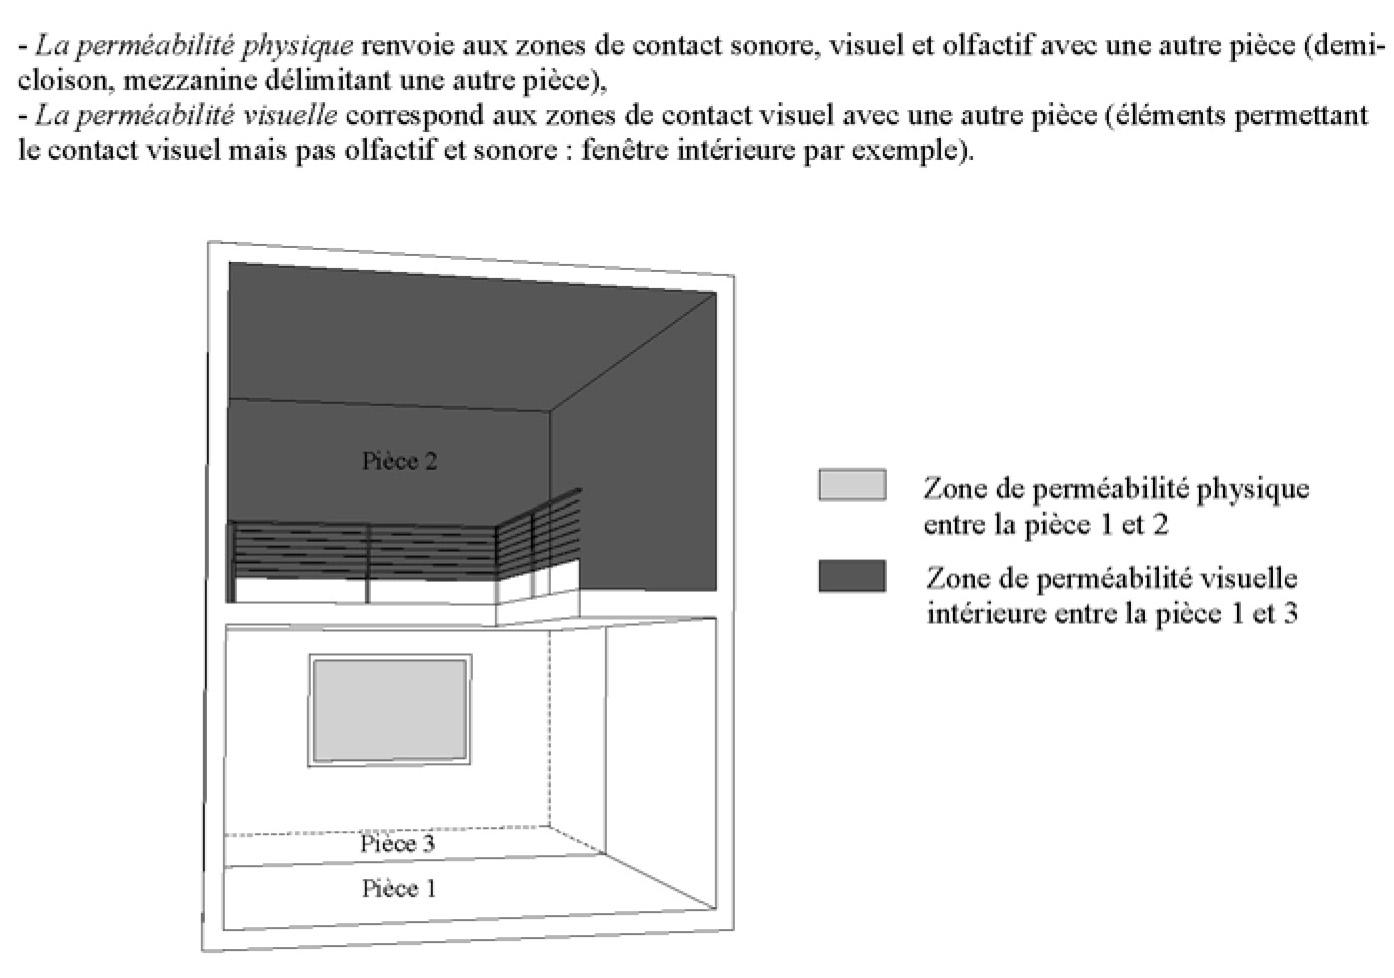 étude Des Relations Entre Lespace Architectural Et La Qualité De